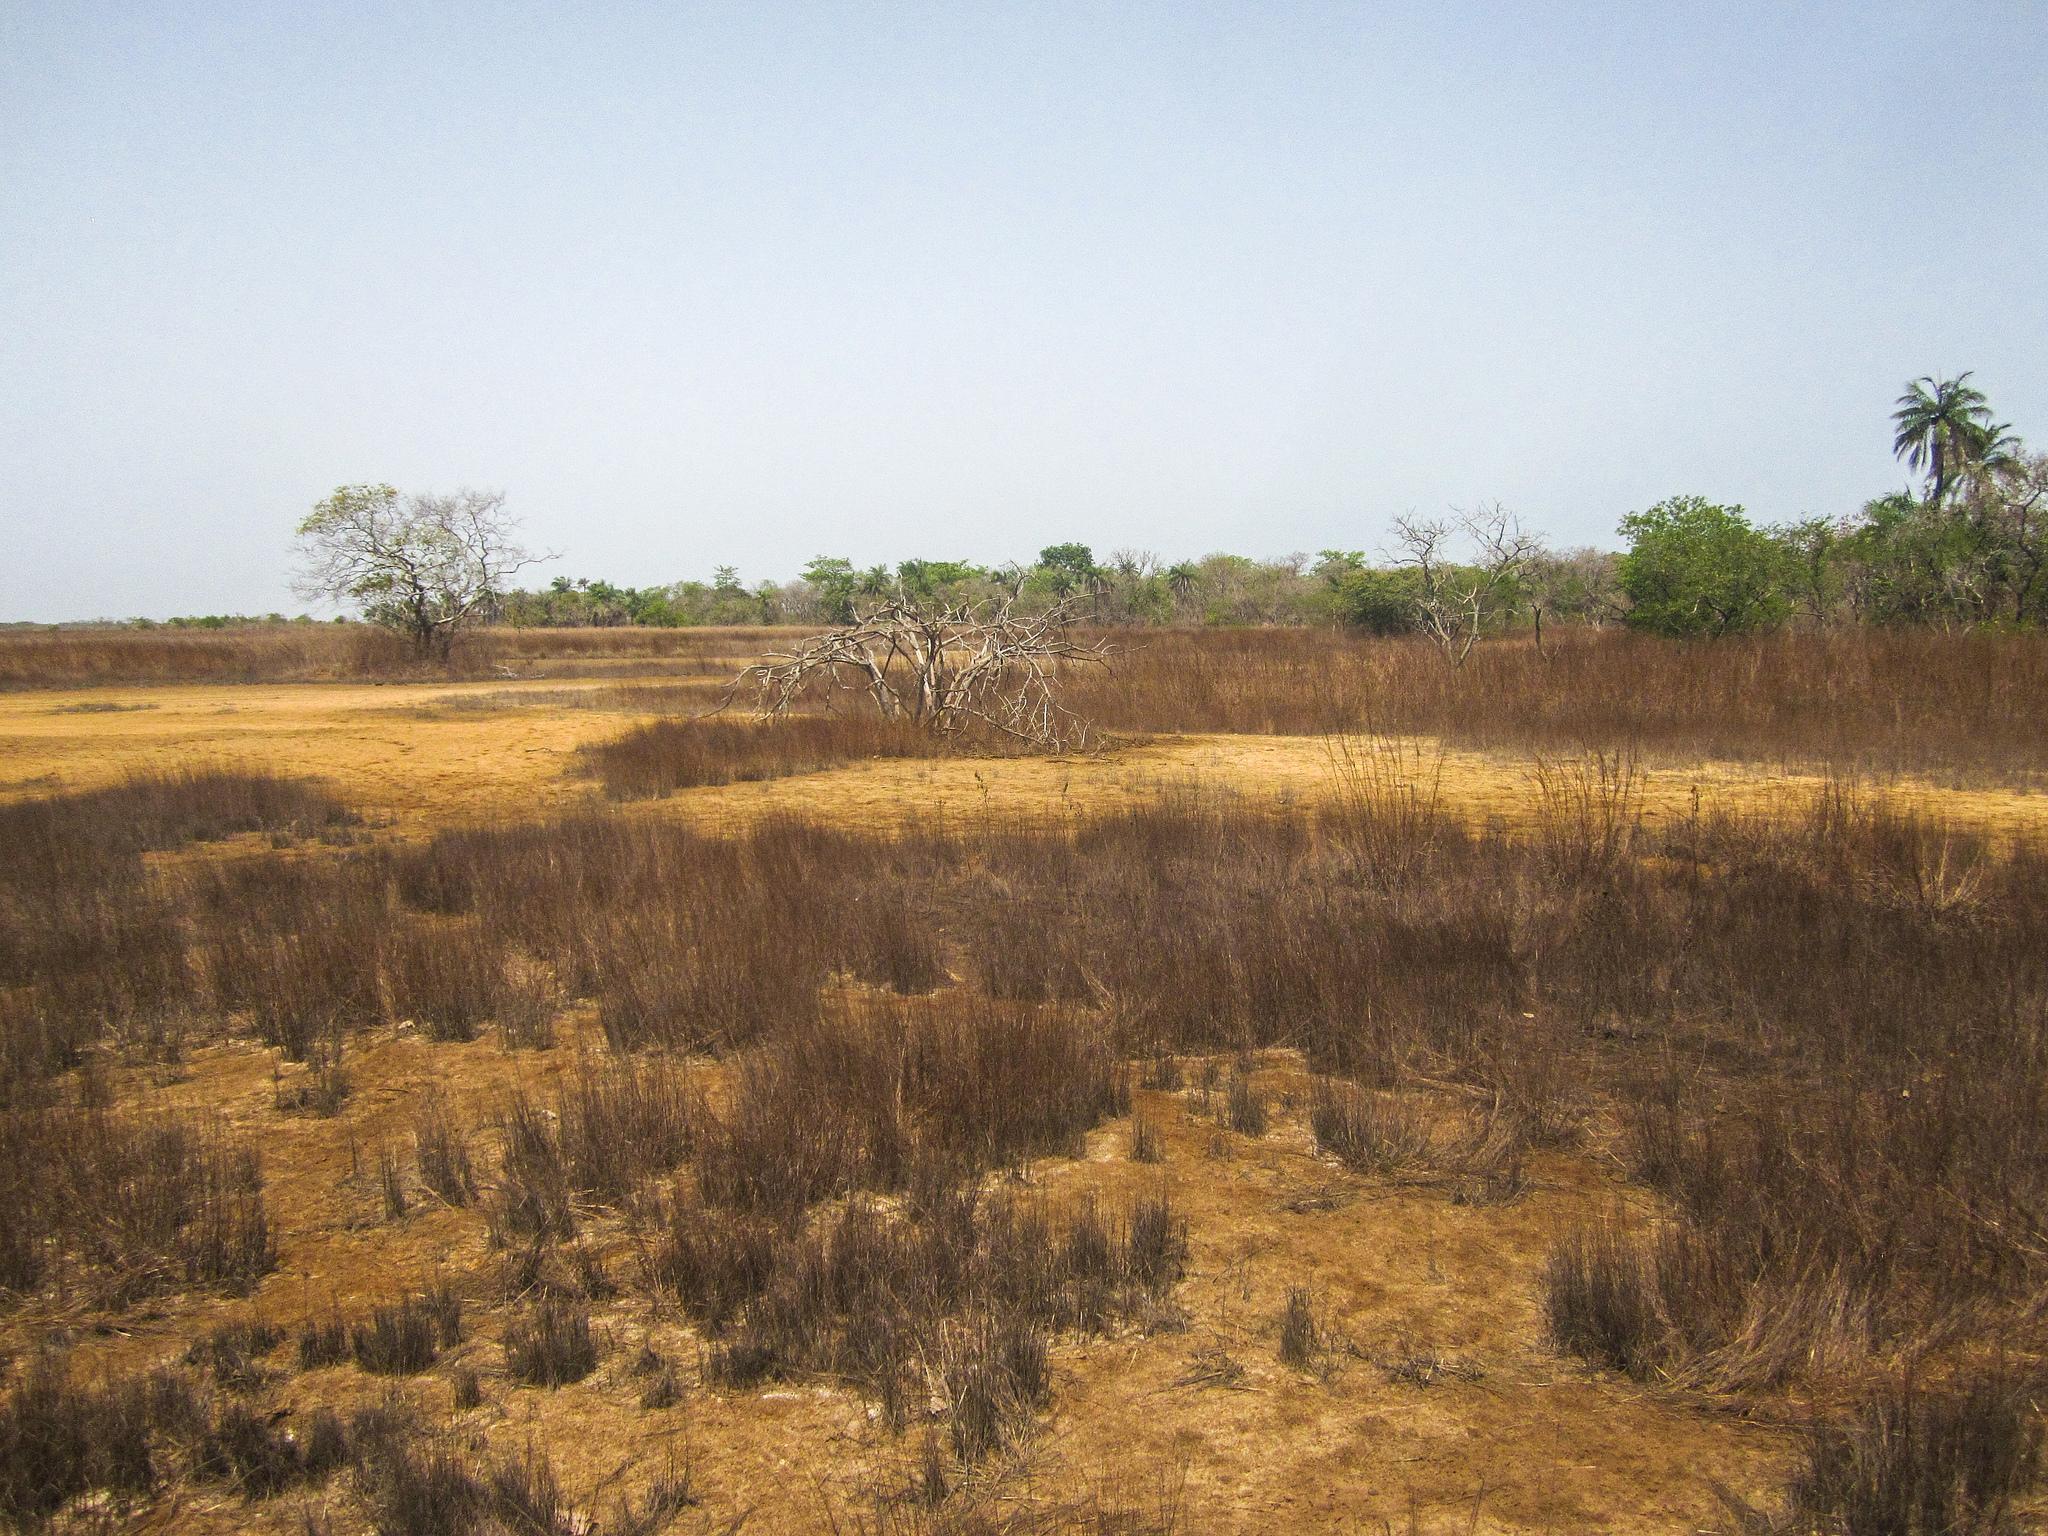 Jbdodane photographie paysage casamance savane